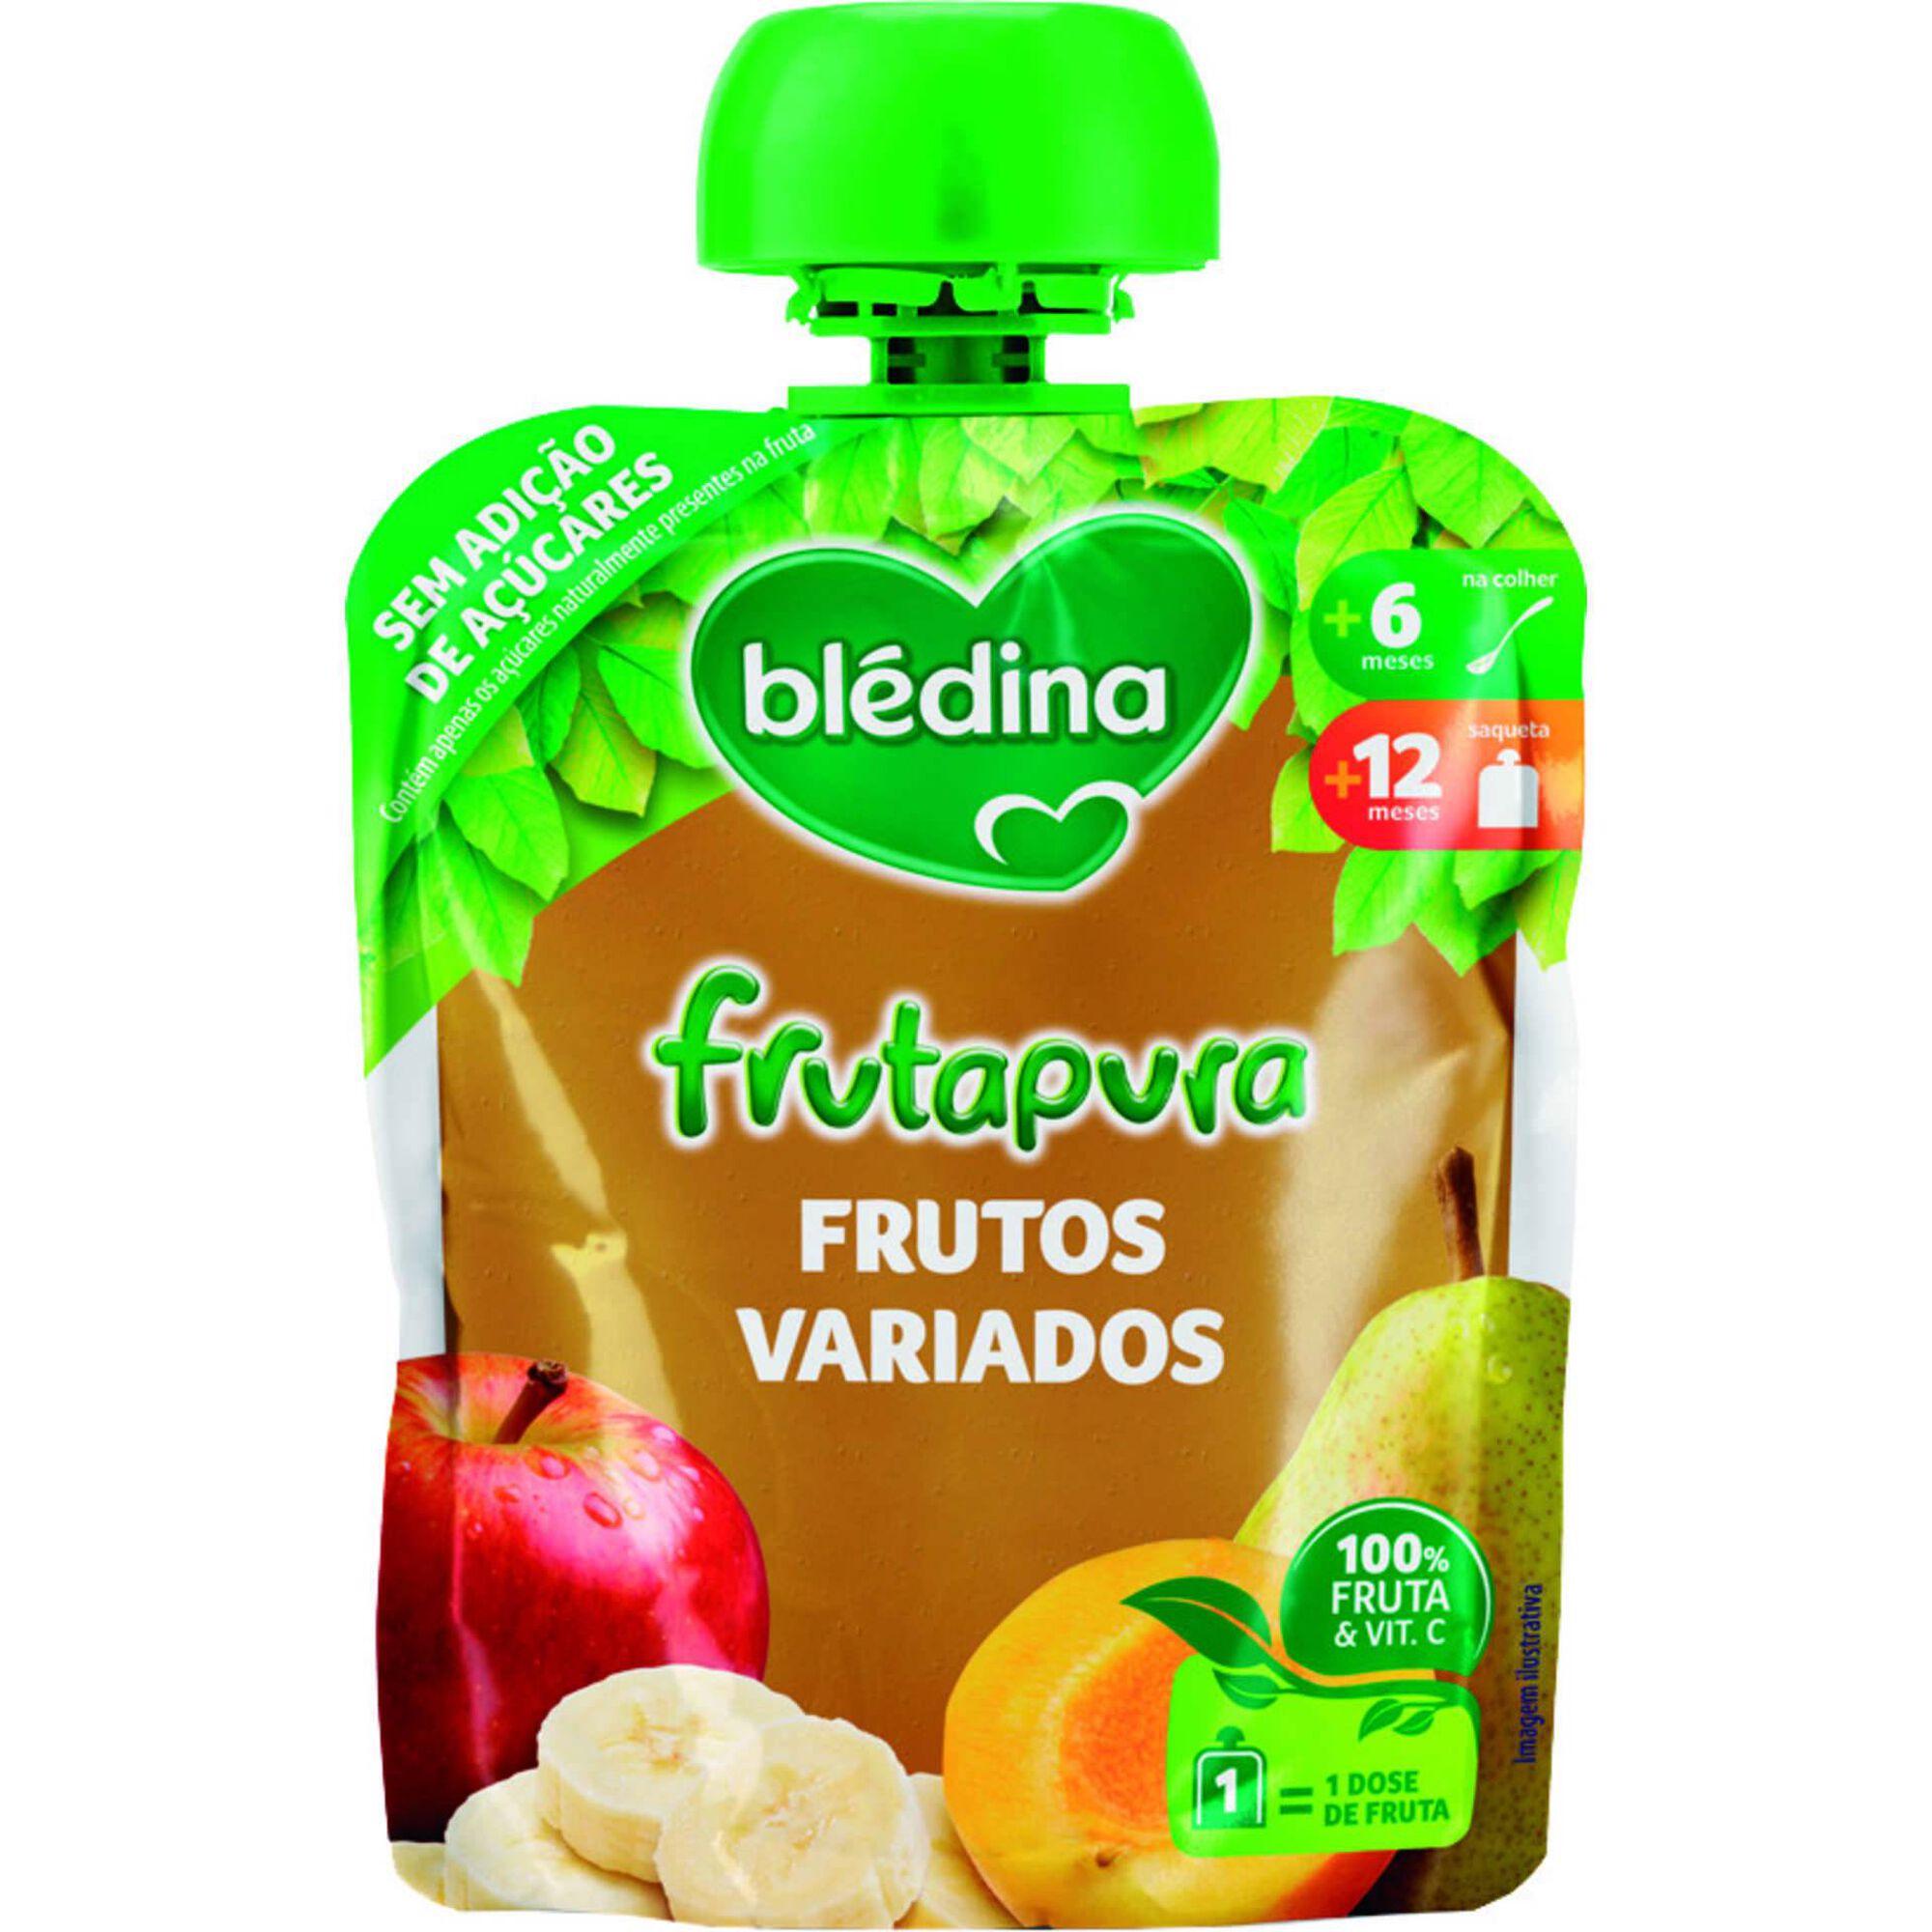 Saqueta de Frutos Variados Frutapura +6 Meses